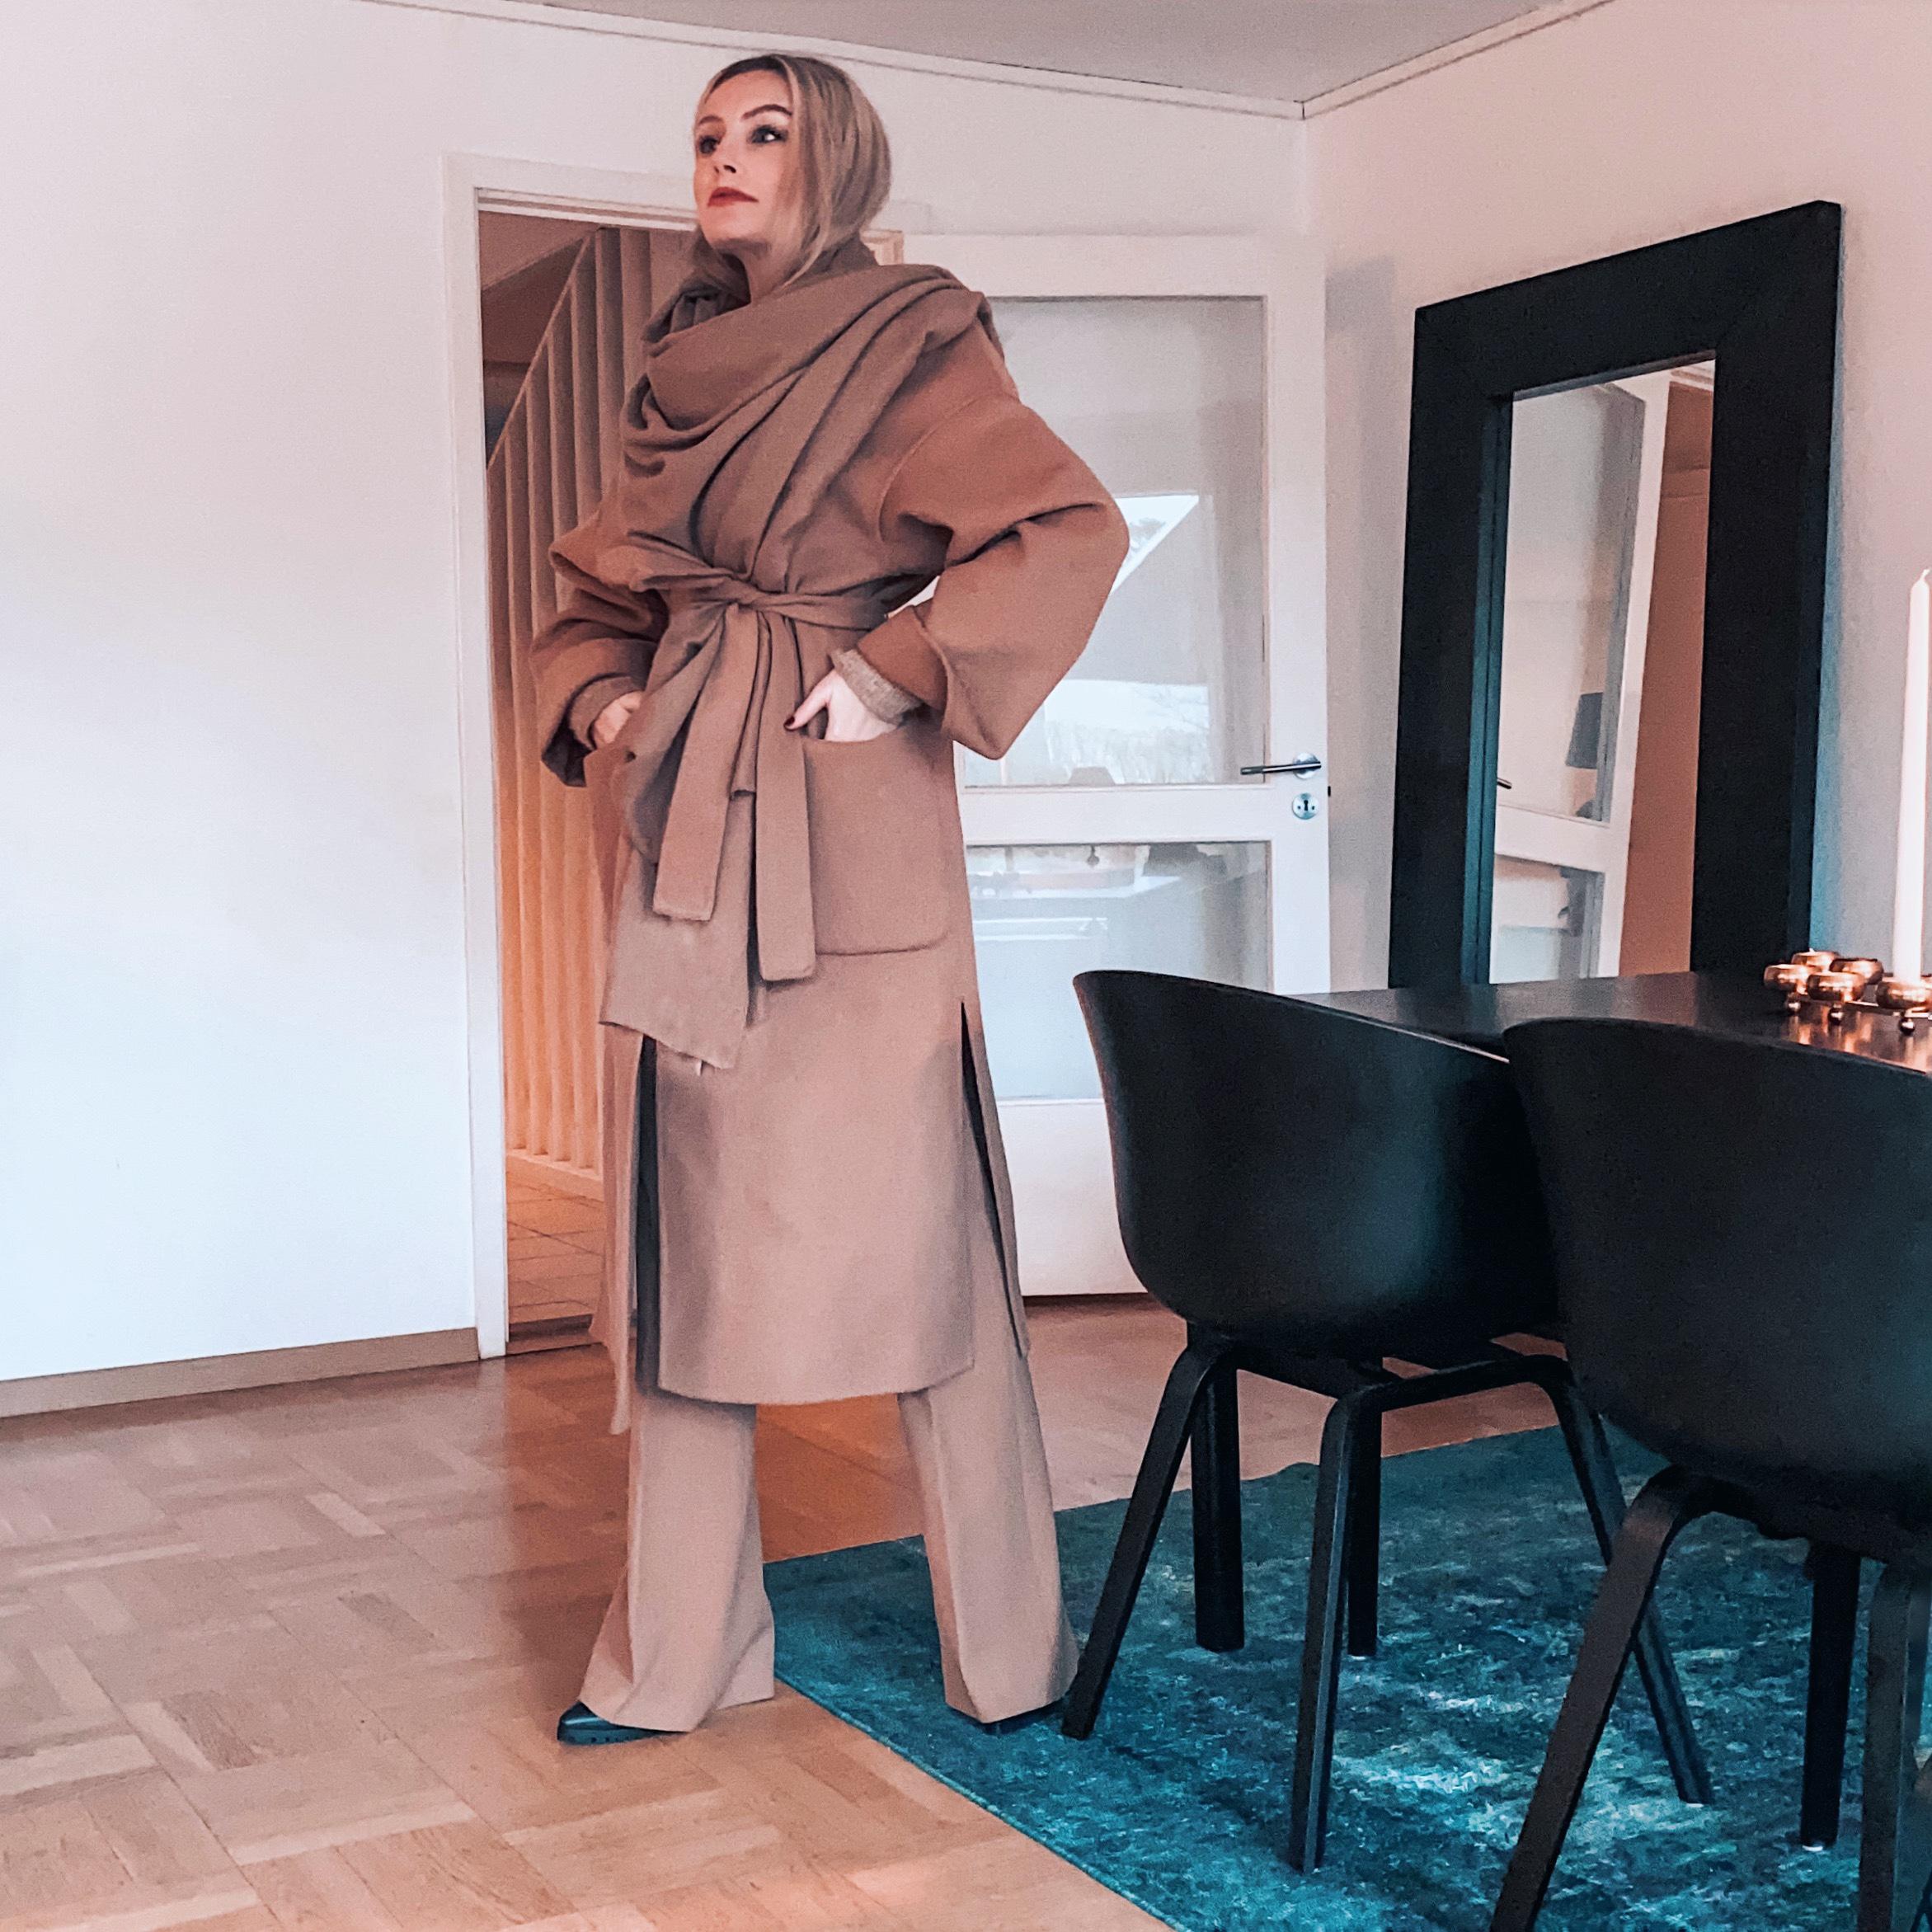 #säkerstilchallenge säkerstil klädutmaning dagens outfit Göteborg